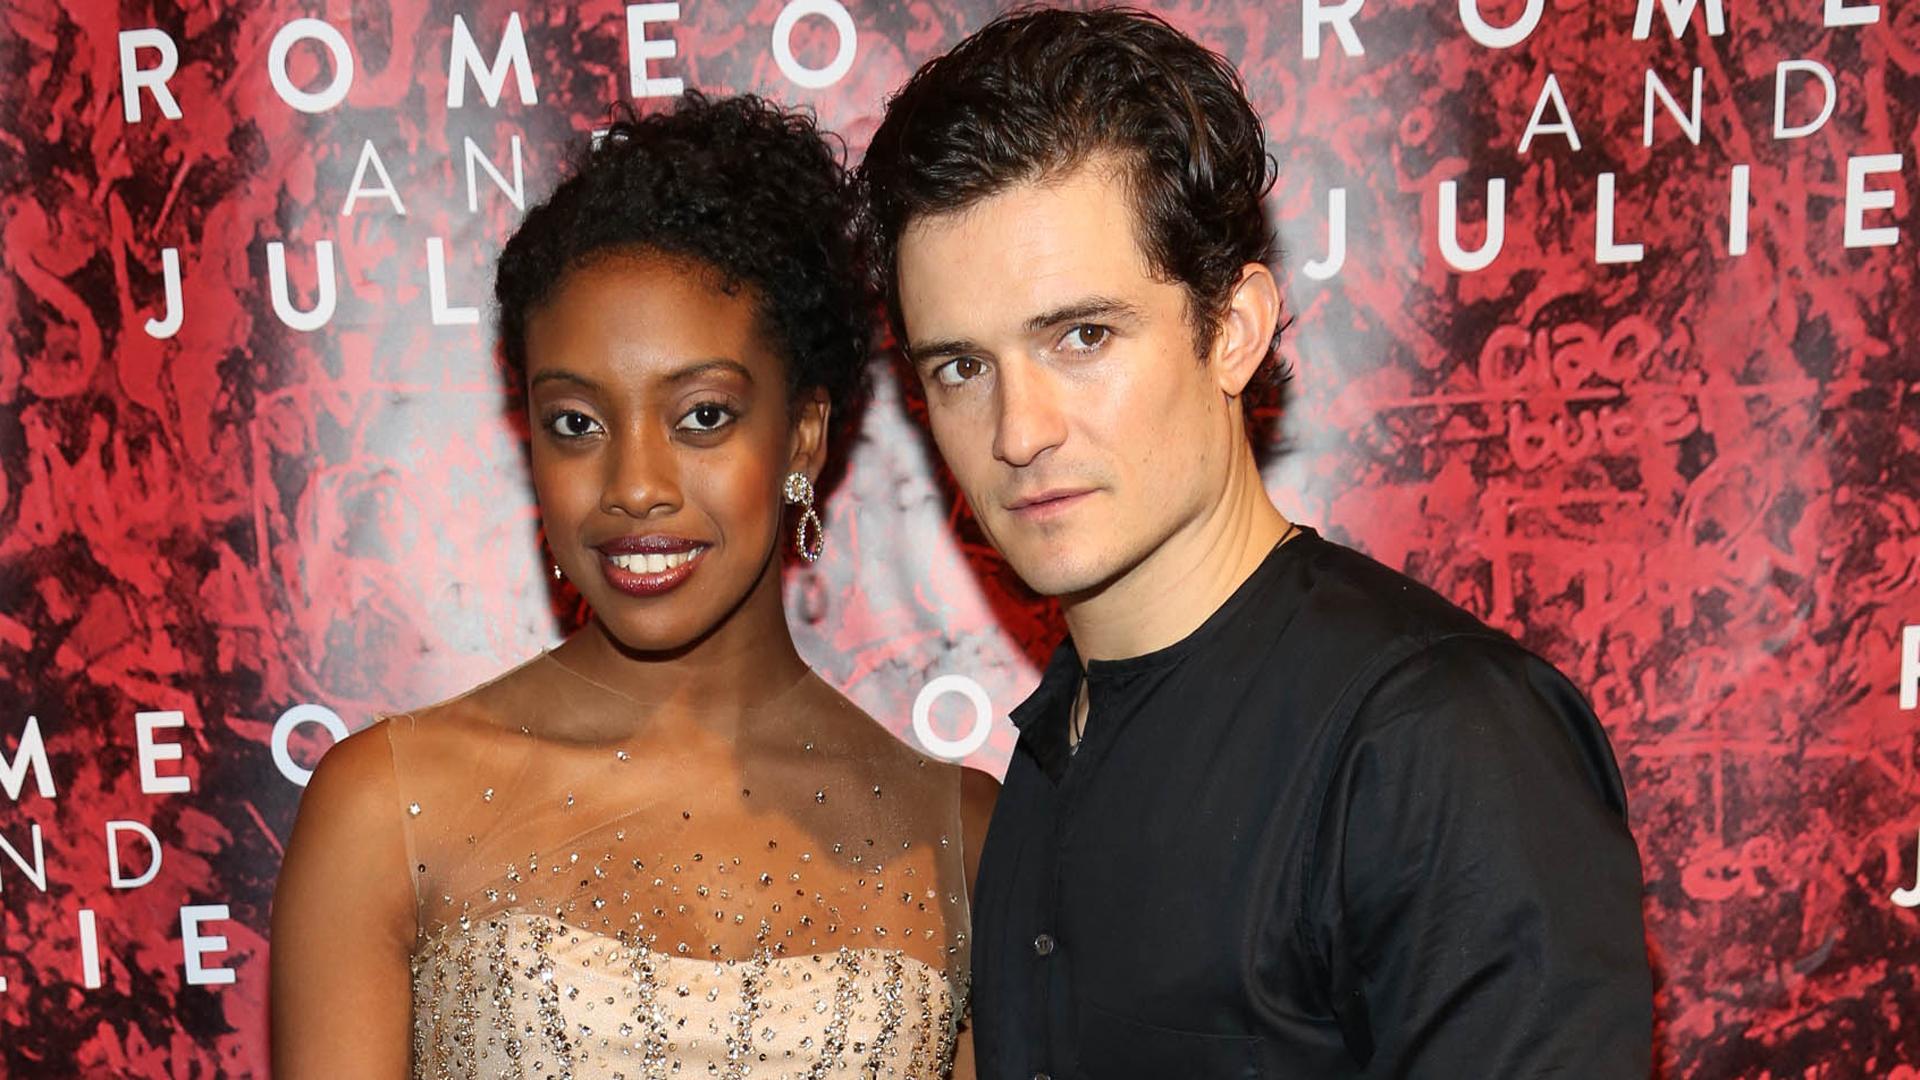 Romeo şi Julieta', cu Orlando Bloom, pe 1 aprilie în Bucureşti